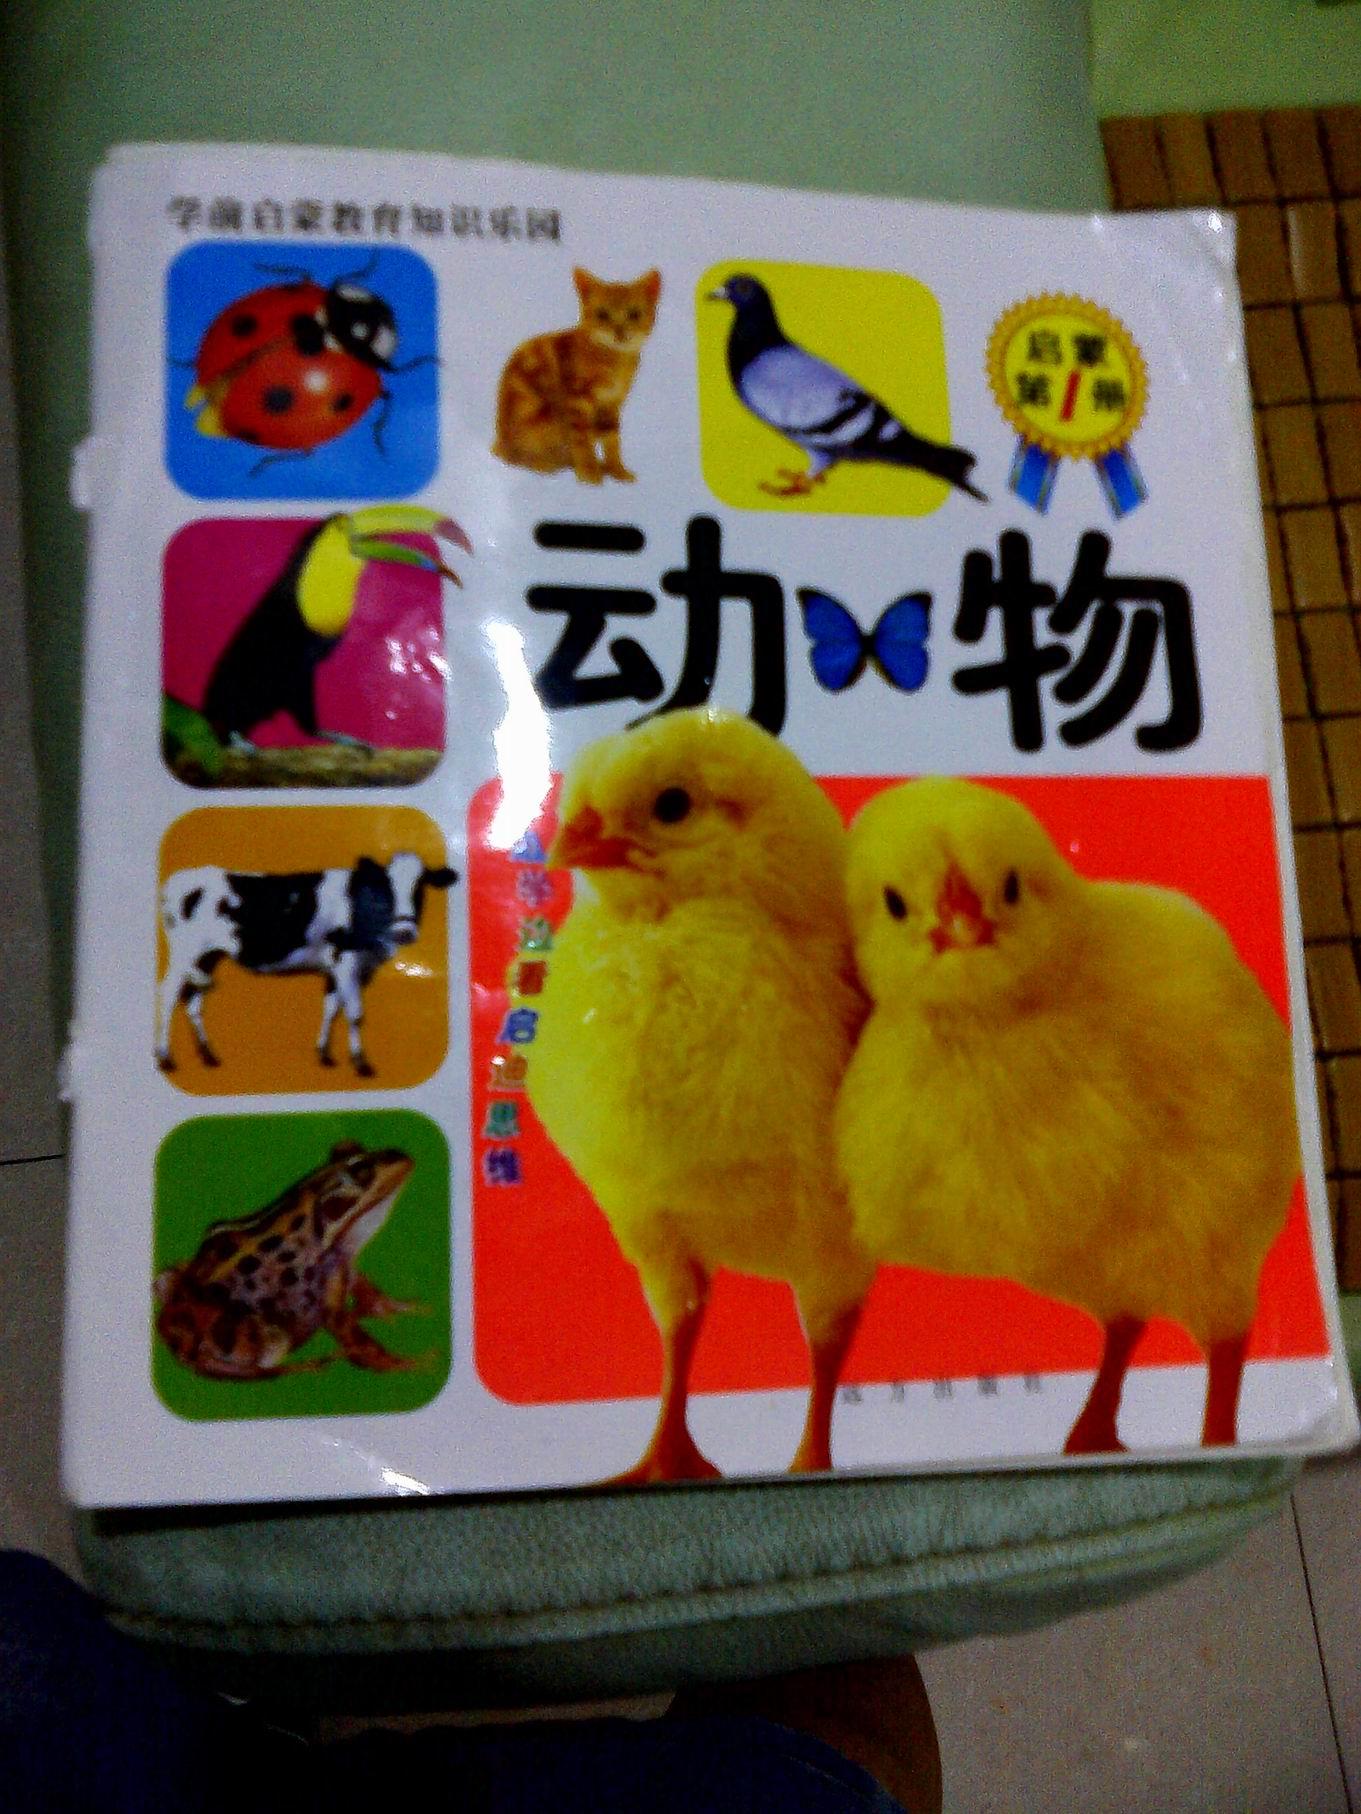 《动物》和故事书《好孩子朋友多》   小旎对小动物特别感兴趣,动物书